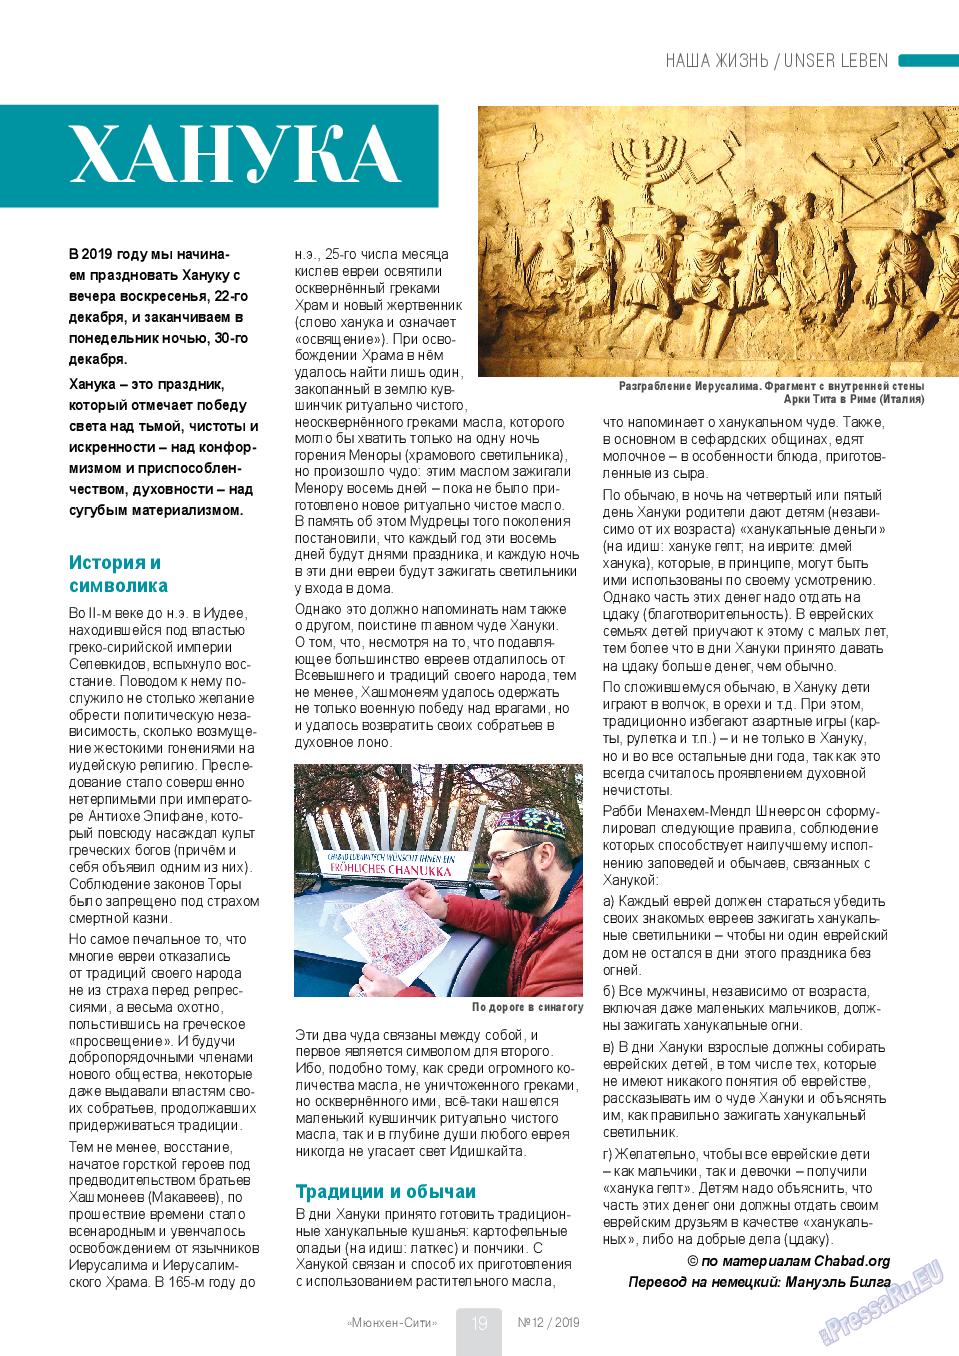 Мюнхен-сити (журнал). 2019 год, номер 99, стр. 19